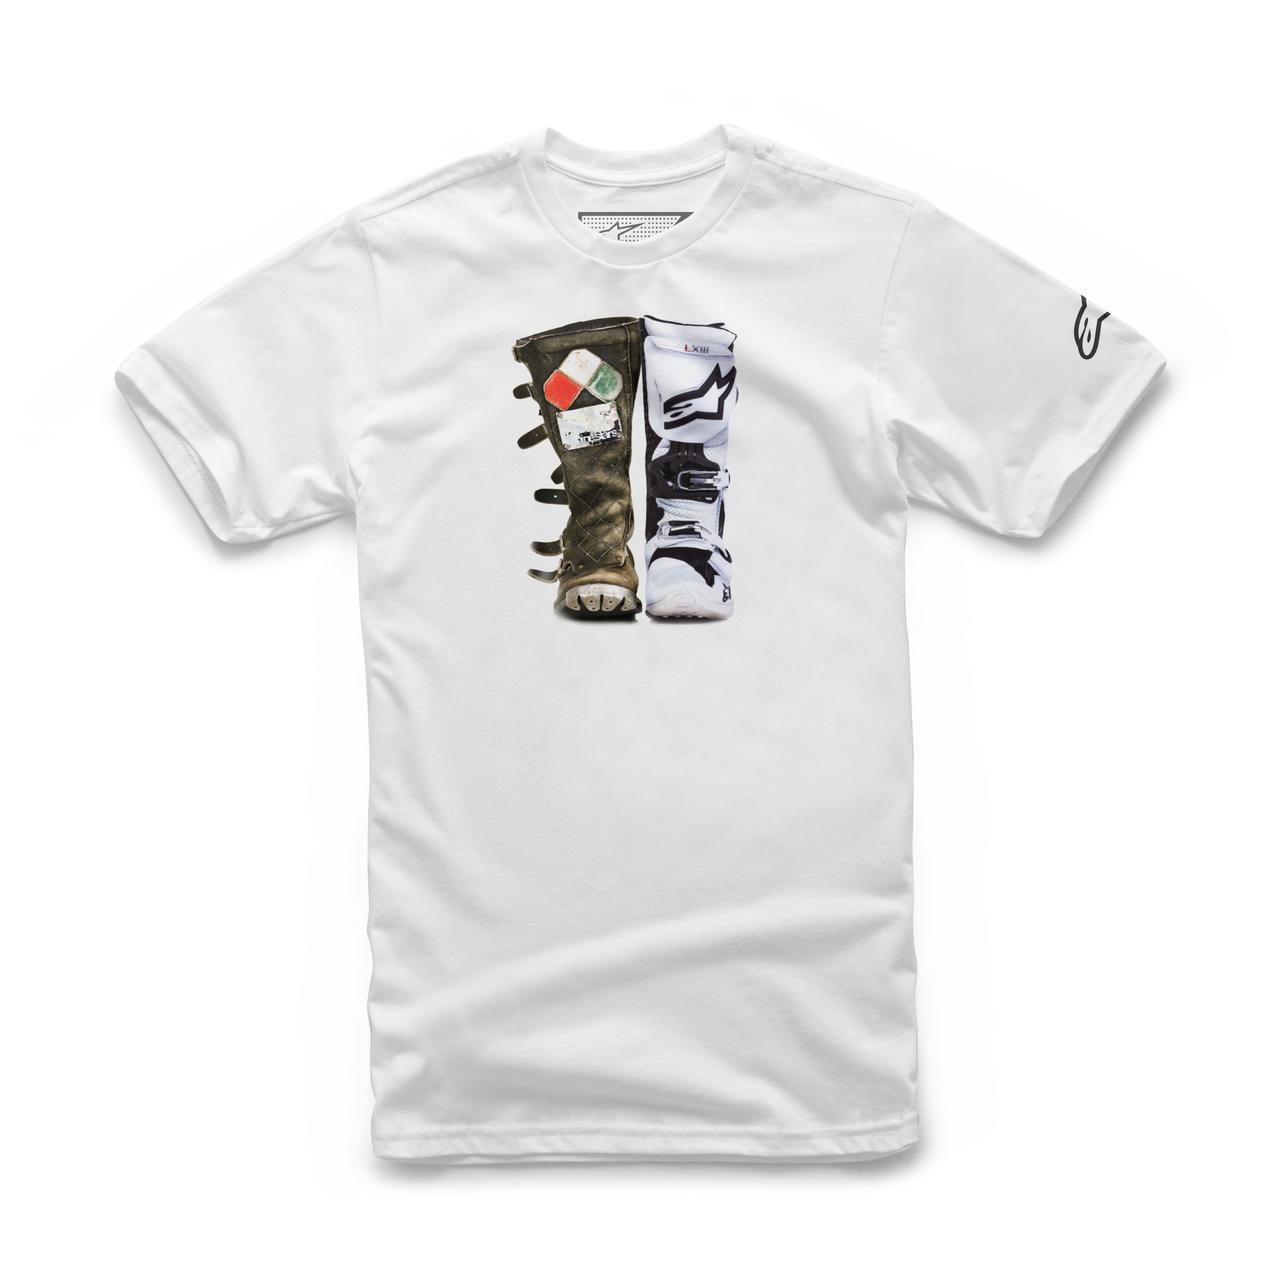 画像15: こんなにあったら選べない!? アルパインスターズの新作〈Tシャツ〉コレクション、あなたはどのデザインが好み?